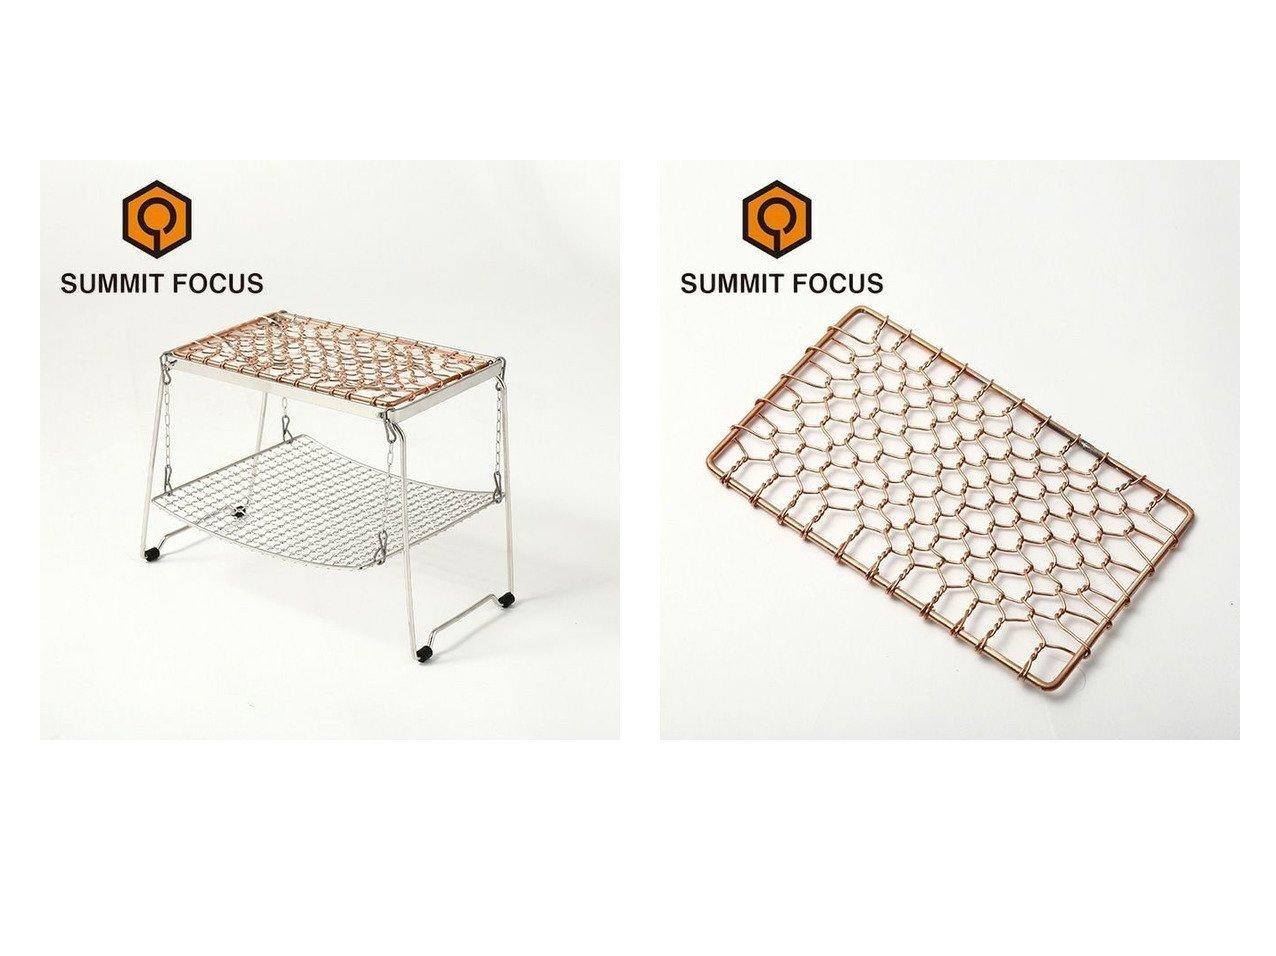 【SUMMIT FOCUS/サミットフォーカス】のマスタースクエア210×130(ミニワイド)&ミニバーベキューグリルセット おすすめ!人気キャンプ・アウトドア用品の通販 おすすめで人気の流行・トレンド、ファッションの通販商品 インテリア・家具・メンズファッション・キッズファッション・レディースファッション・服の通販 founy(ファニー) https://founy.com/ スクエア ワイド スタンド ワイヤー ホーム・キャンプ・アウトドア Home,Garden,Outdoor,Camping Gear キャンプ用品・アウトドア  Camping Gear & Outdoor Supplies その他 雑貨 小物 Camping Tools ホーム・キャンプ・アウトドア Home,Garden,Outdoor,Camping Gear キャンプ用品・アウトドア  Camping Gear & Outdoor Supplies バーナー グリル Burner, Grill |ID:crp329100000063823